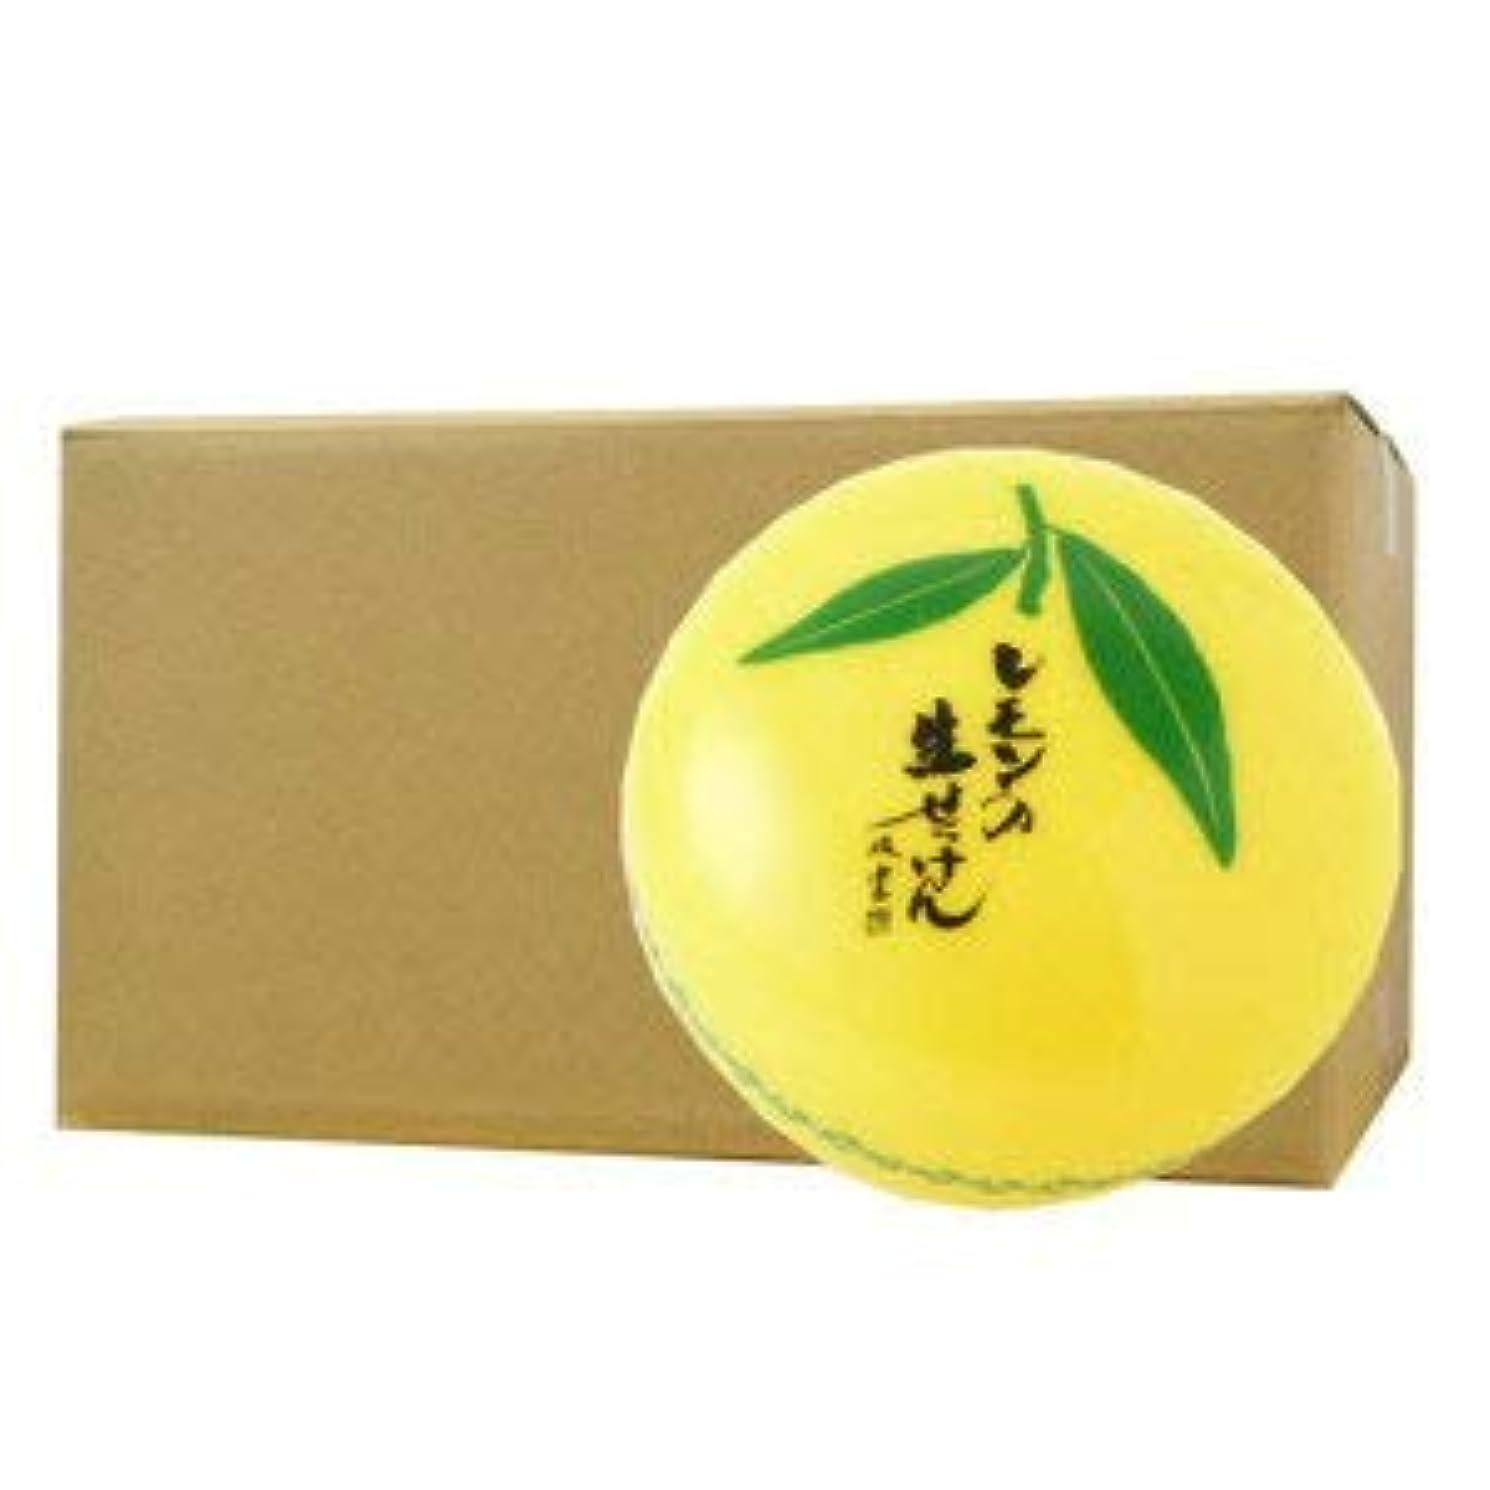 音声学直感合体UYEKI美香柑レモンの生せっけん50g×72個セット